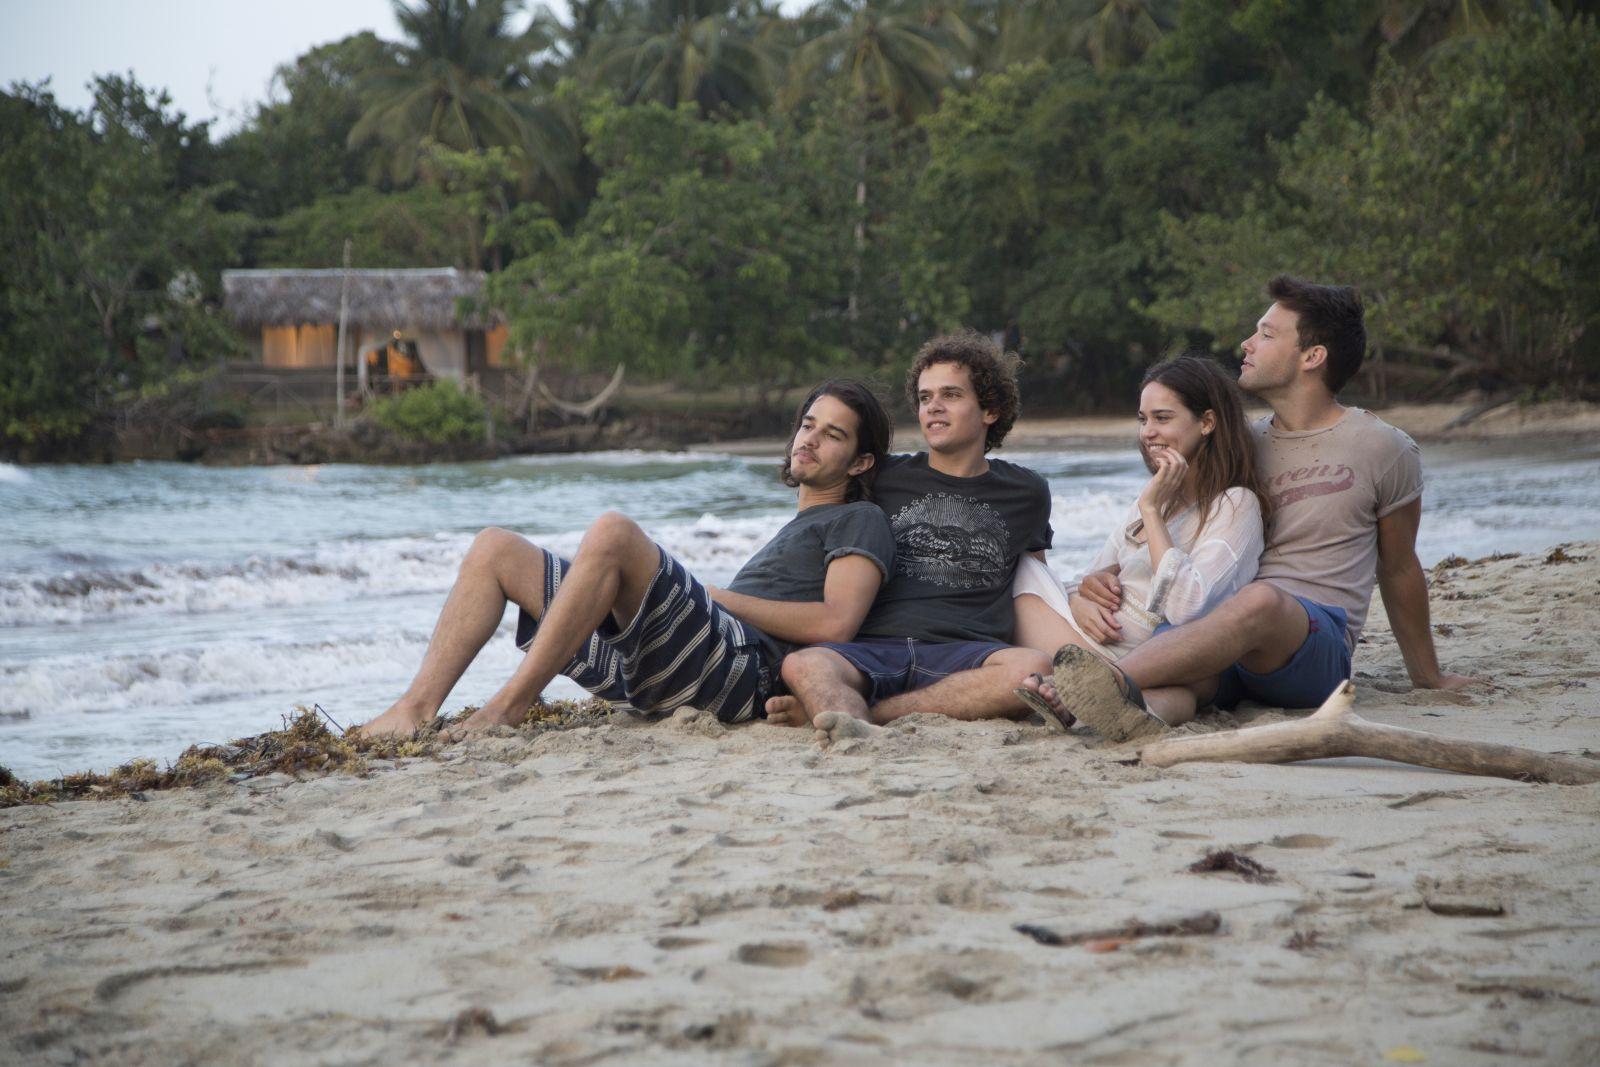 L'estate addosso: la prima immagine del nuovo film di Gabriele Muccino